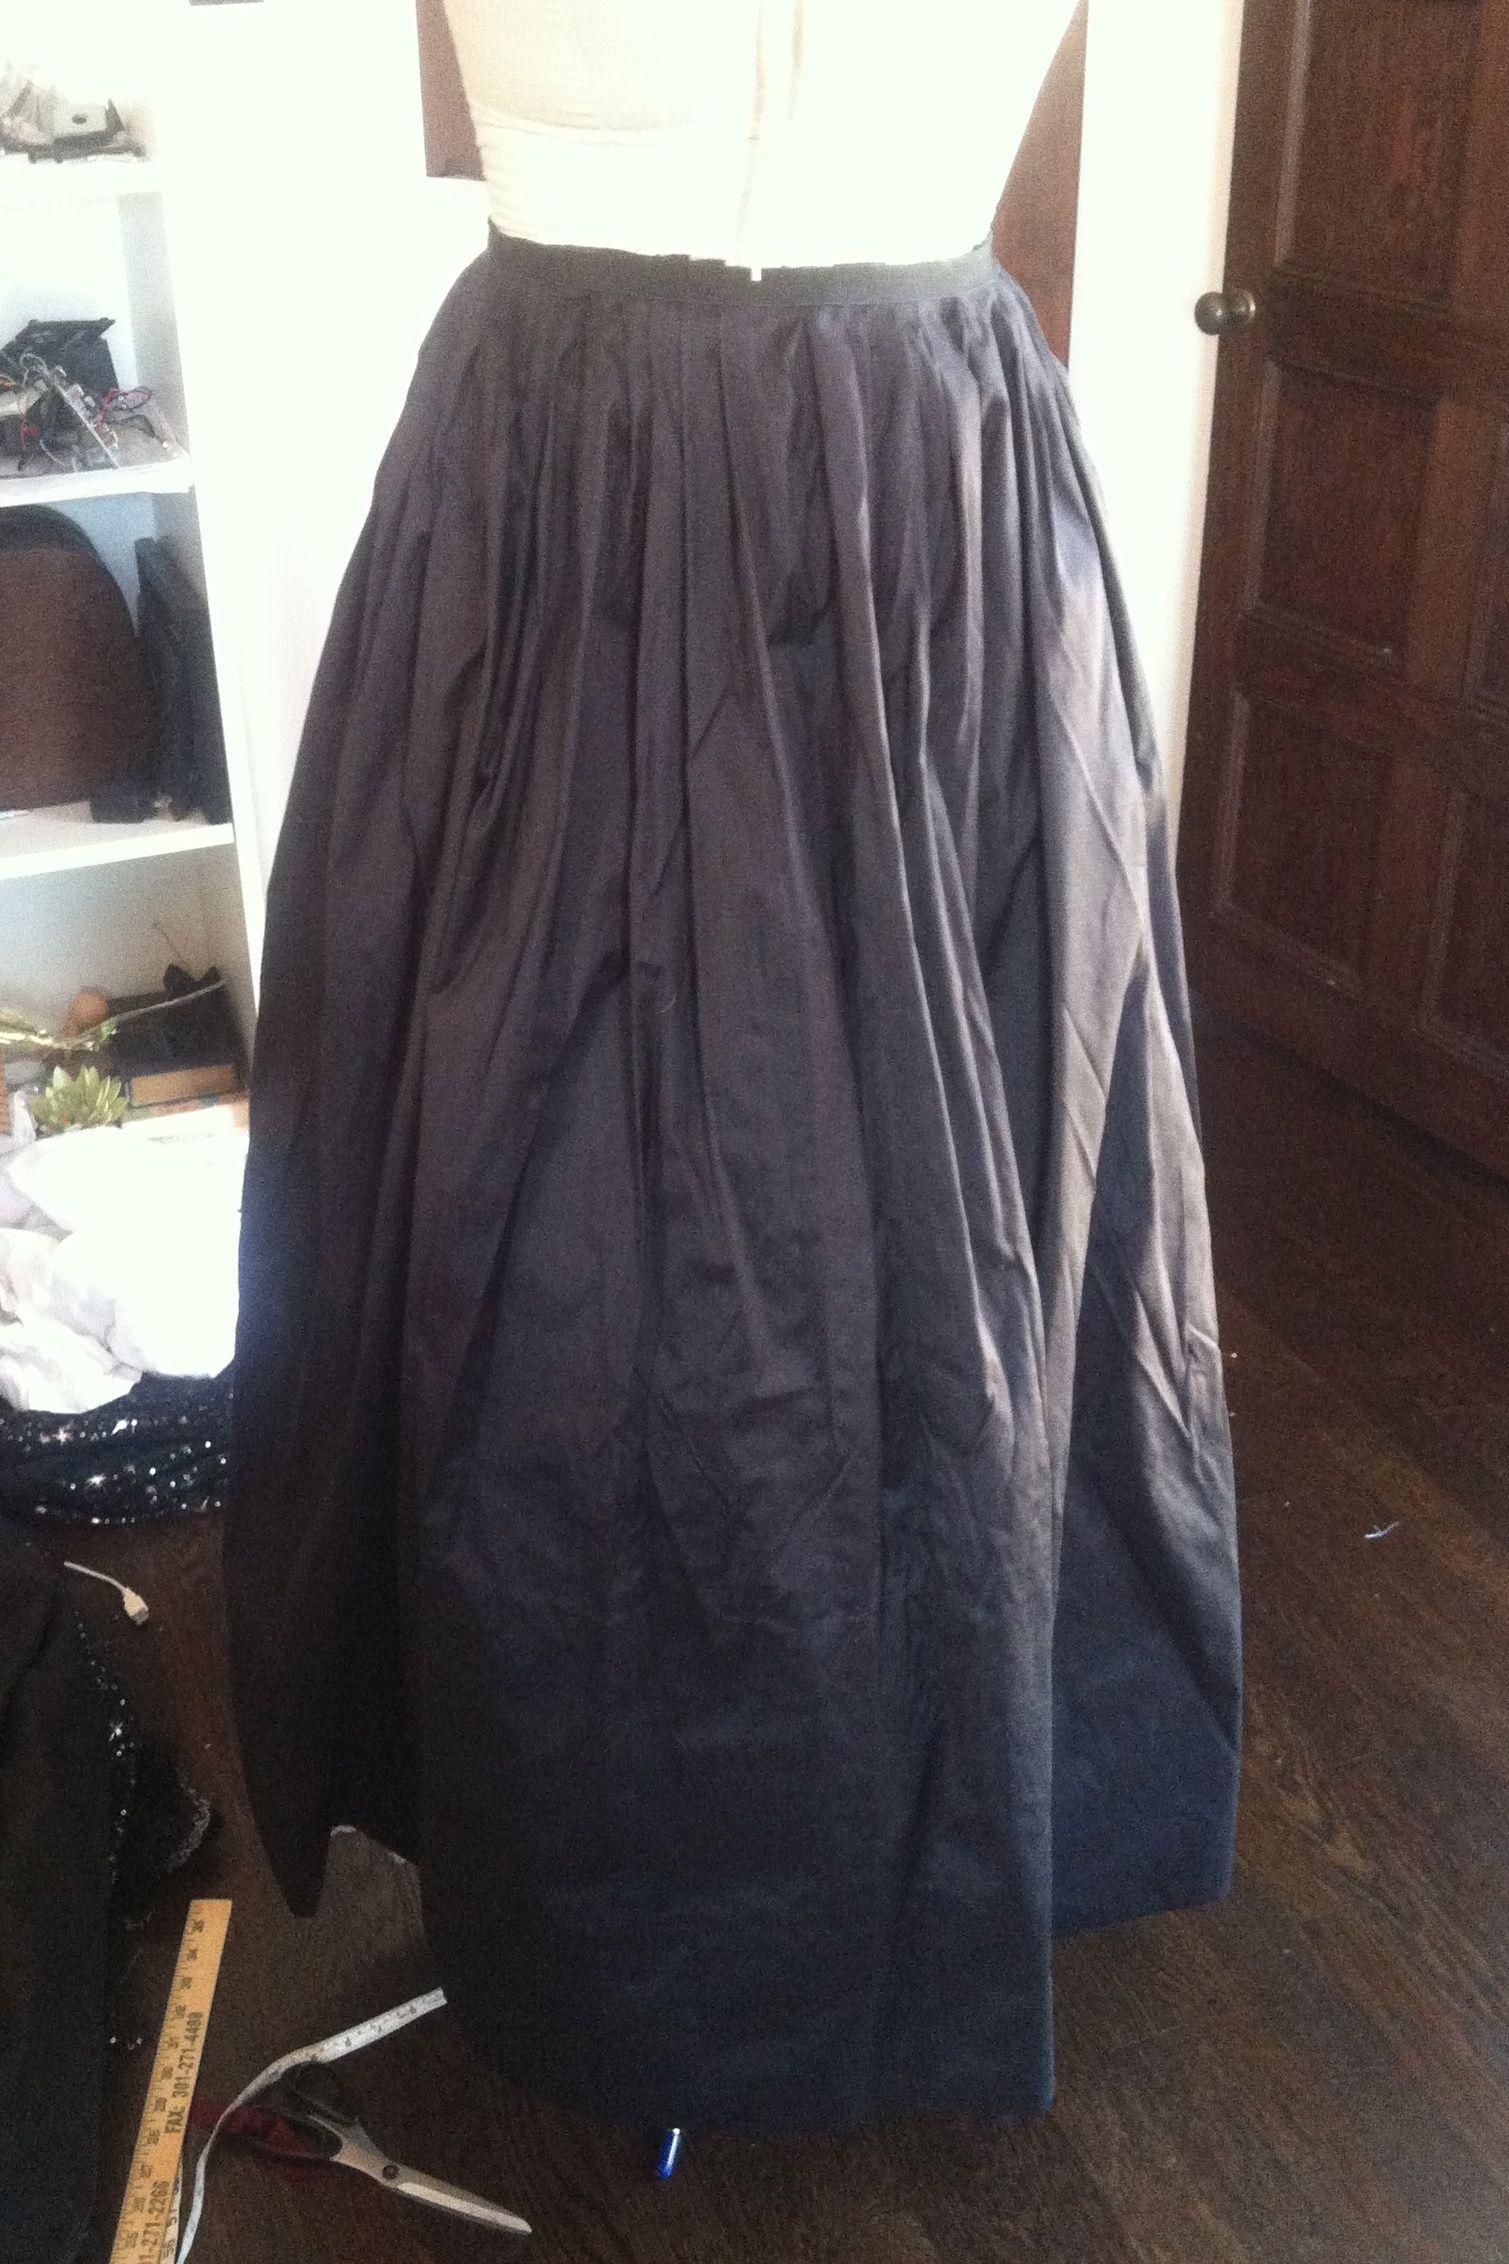 no petticoat